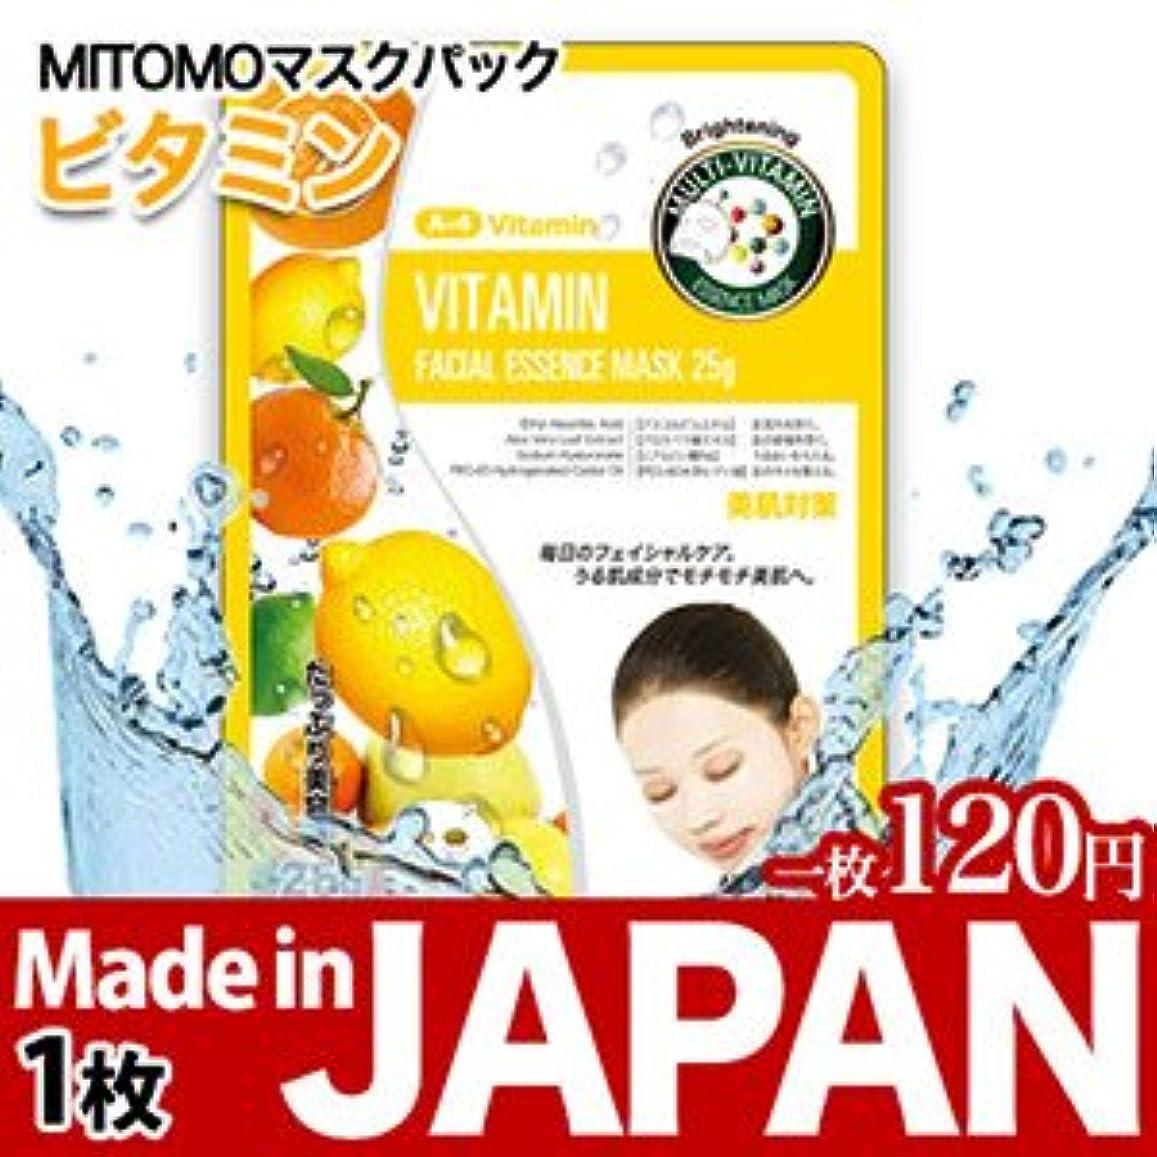 氏衰える正確な【MT512】ナチュラル保湿シートマスクパック/【Vitamin 1枚】【日本製】★25gのたっぷりエッセンス 天然シート★シートマスク★コスメ 訳あり MITOMOオリジナル商品